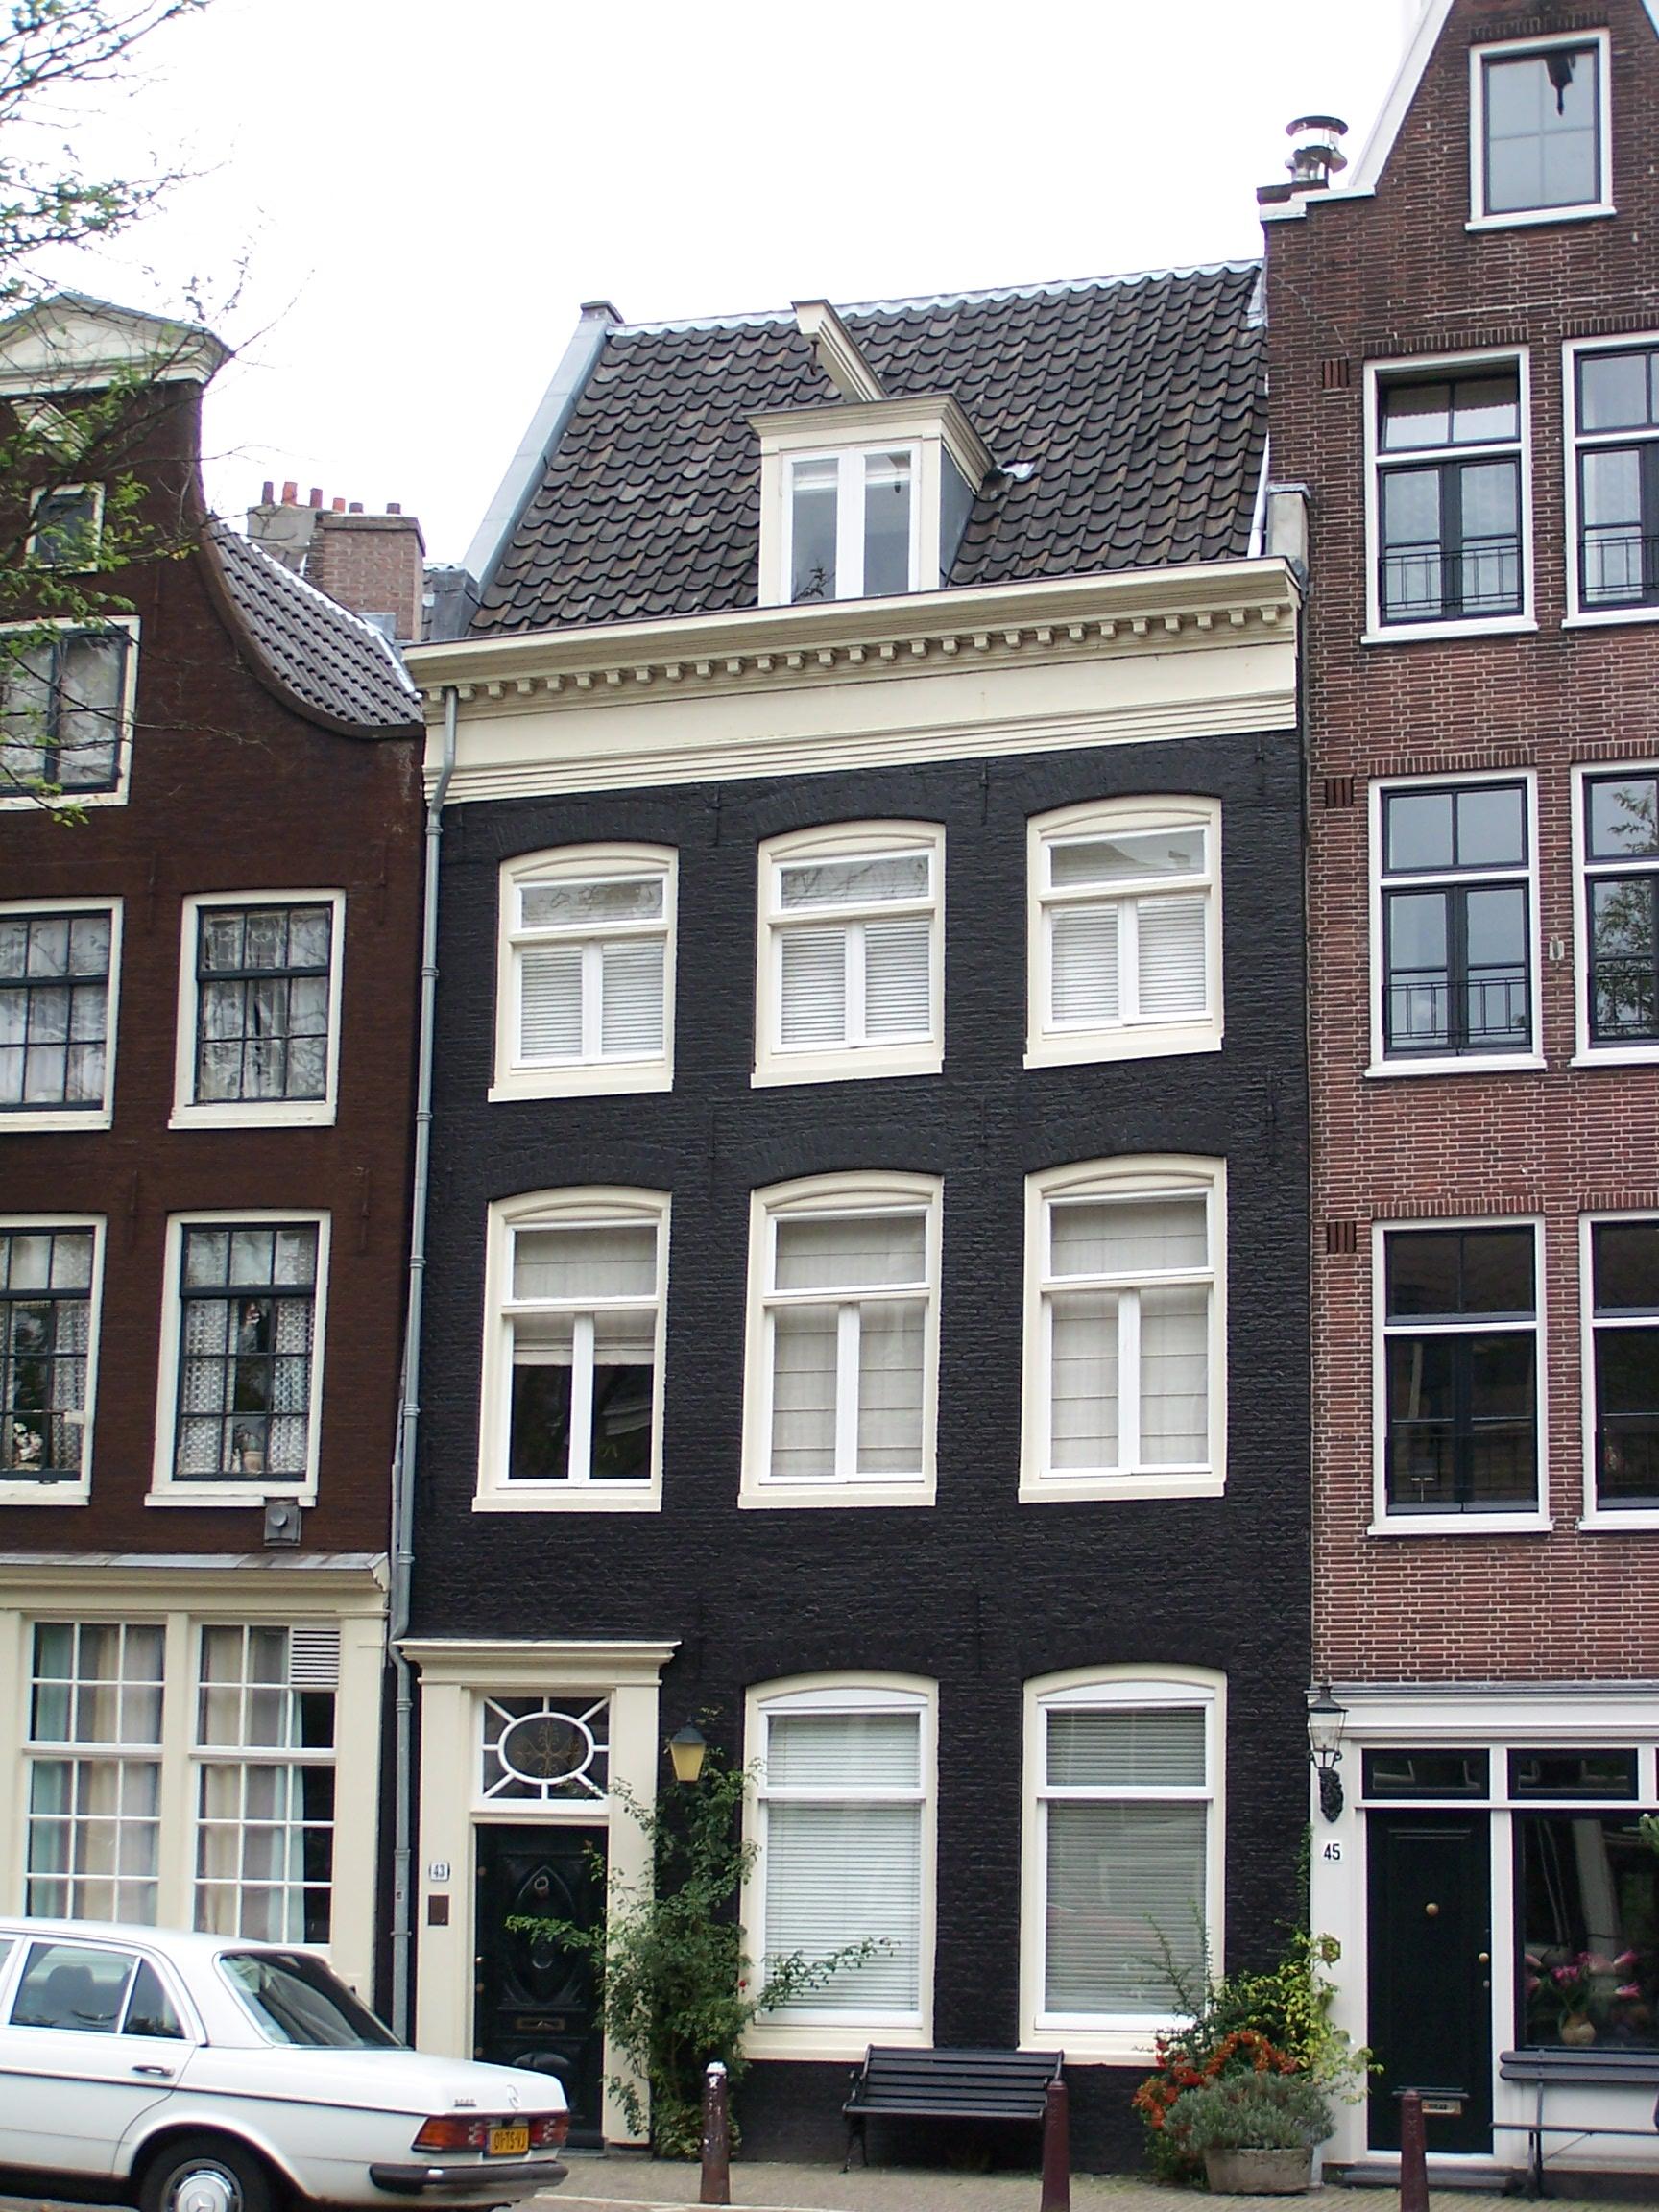 Huis onder dwarsdak met rechte lijst in amsterdam for Lijst inrichting huis